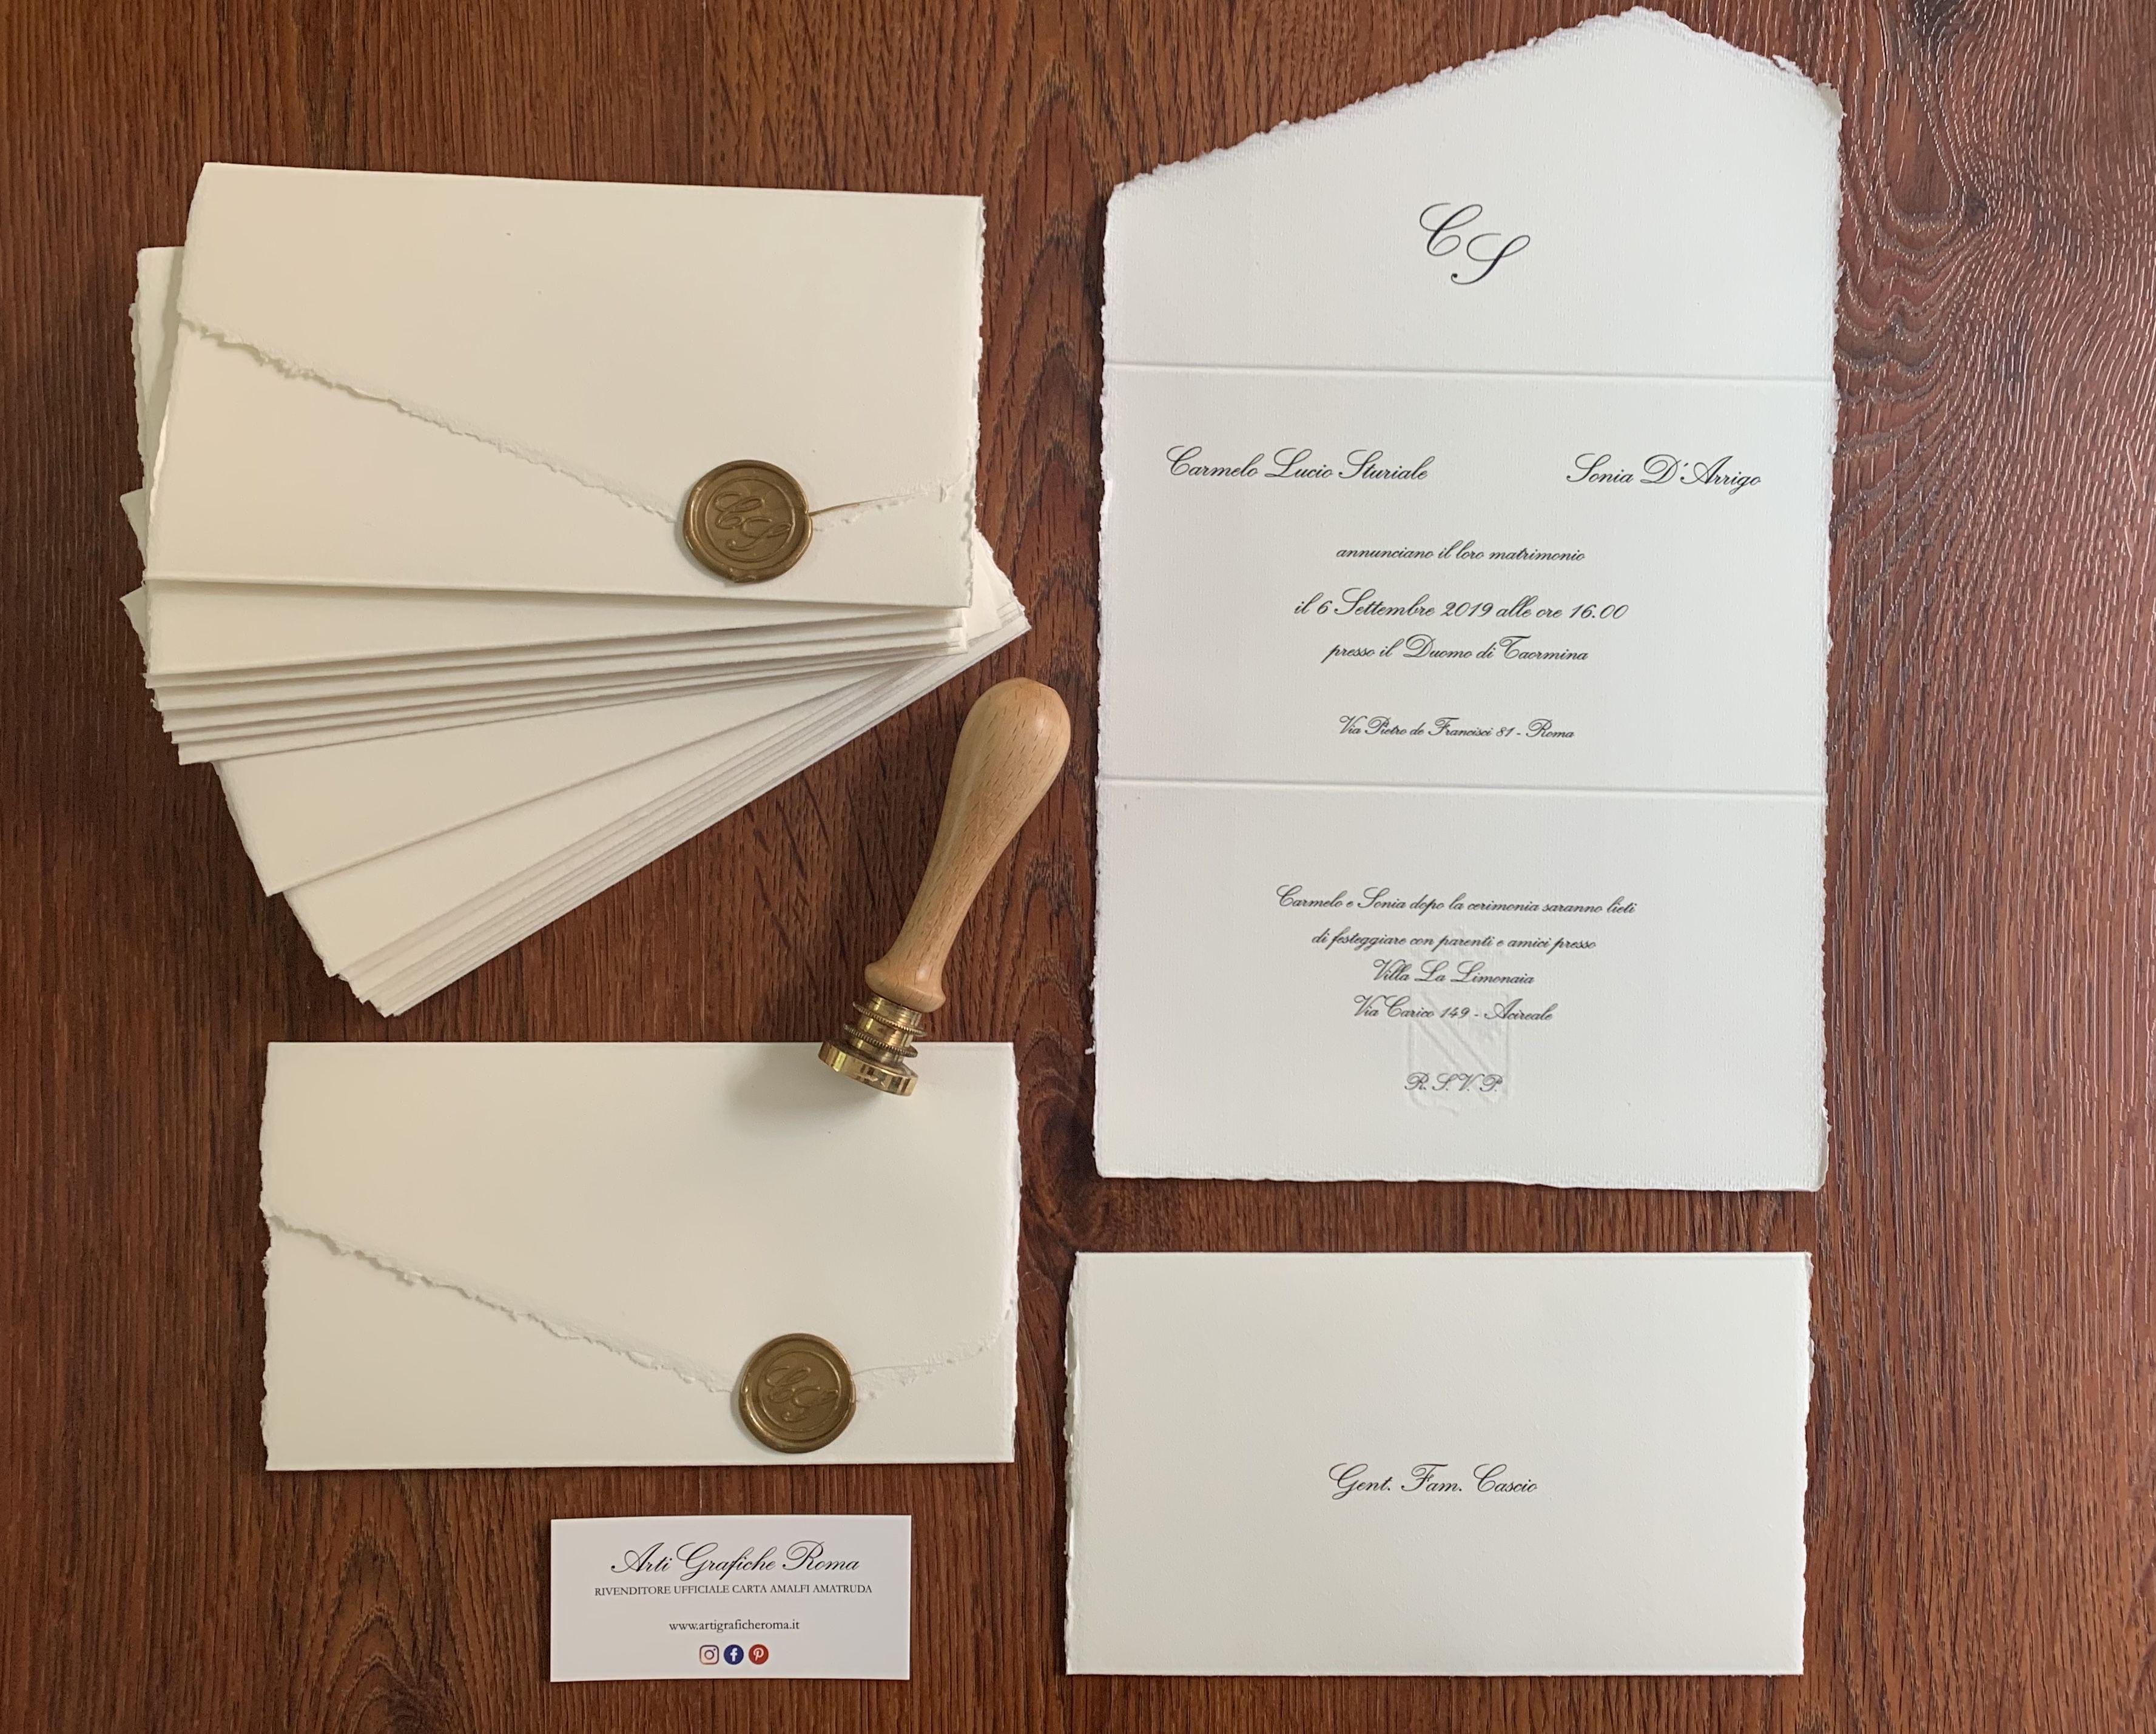 Partecipazioni Di Matrimonio In Carta Amalfi Partecipazioni Nozze Inviti Per Matrimonio Partecipazione Di Matrimonio